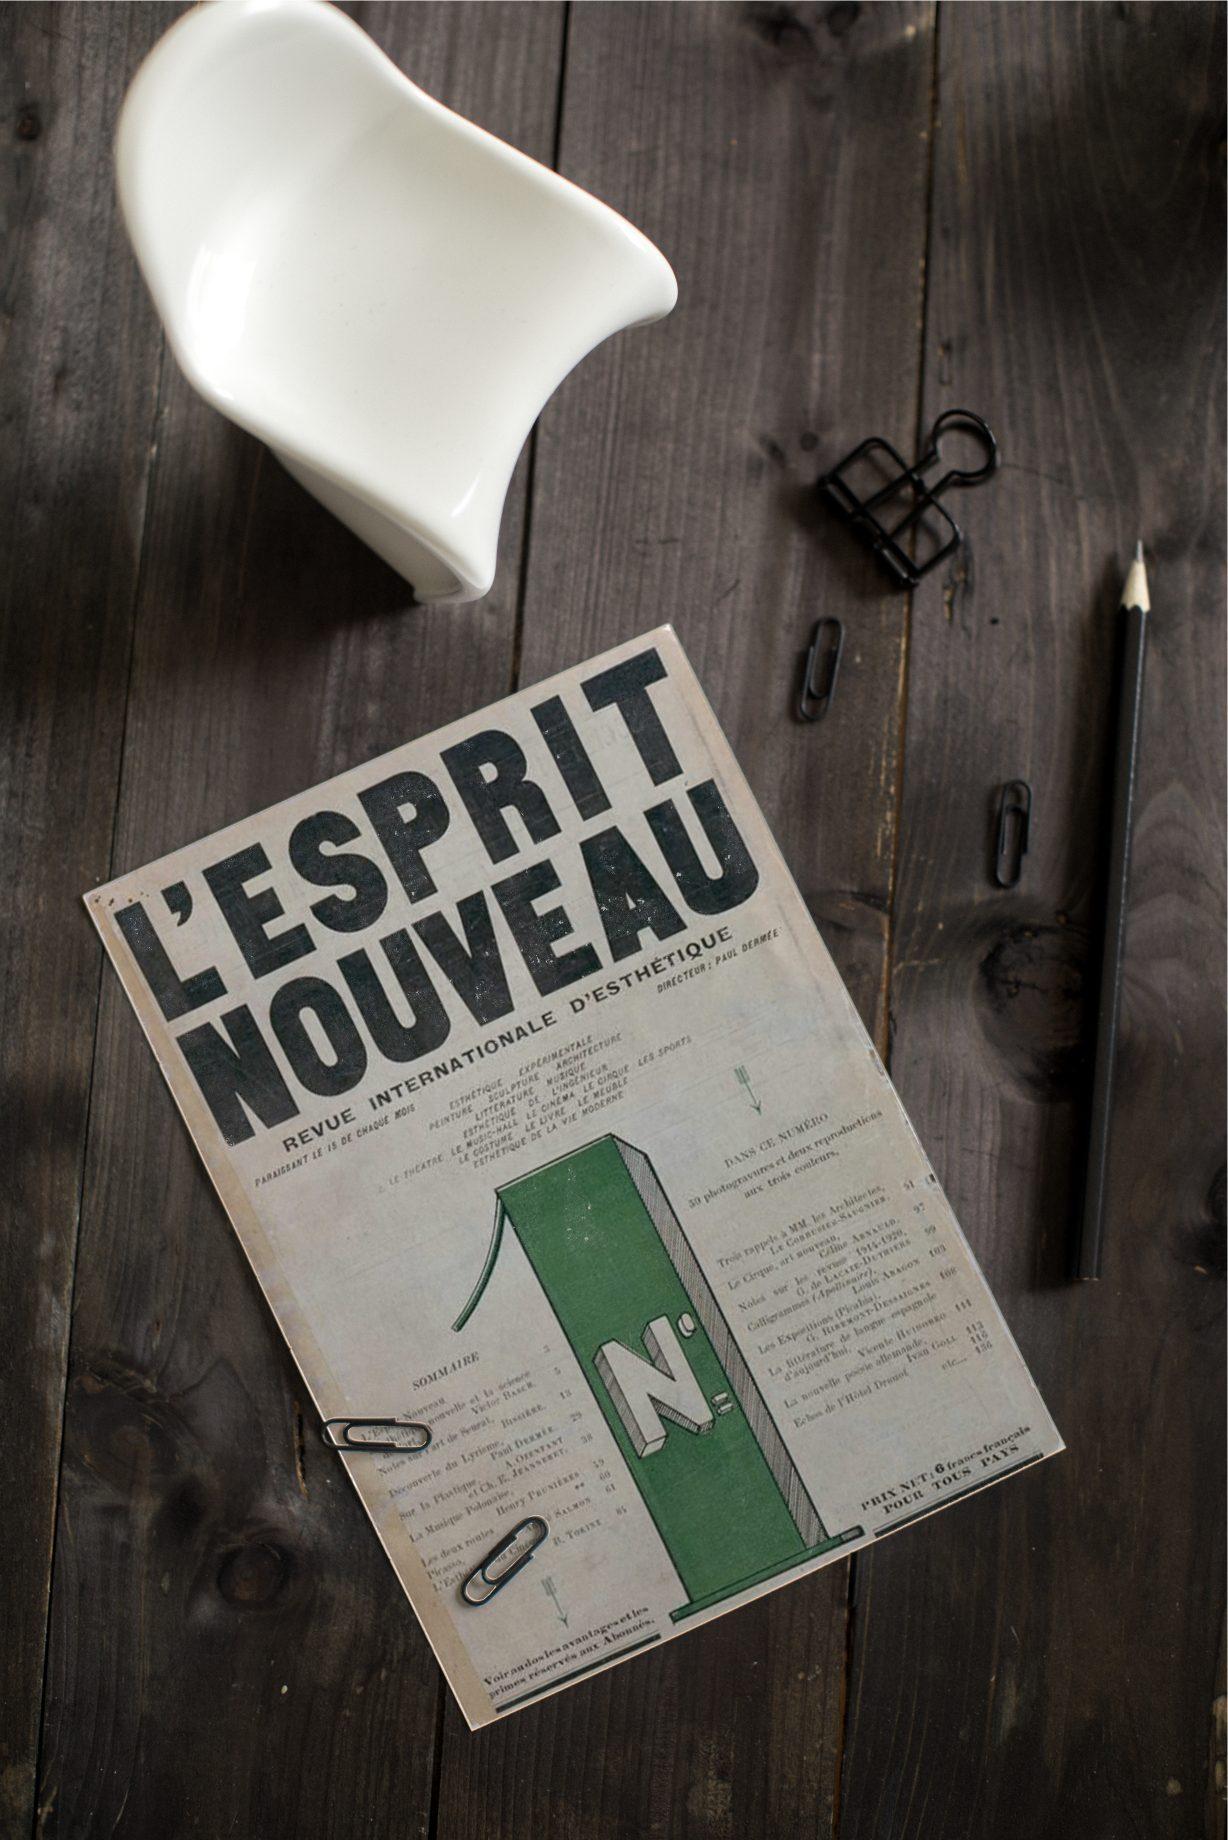 le corbusier zeitschrift L esprit Nouvau Architektur und Möbeldesign